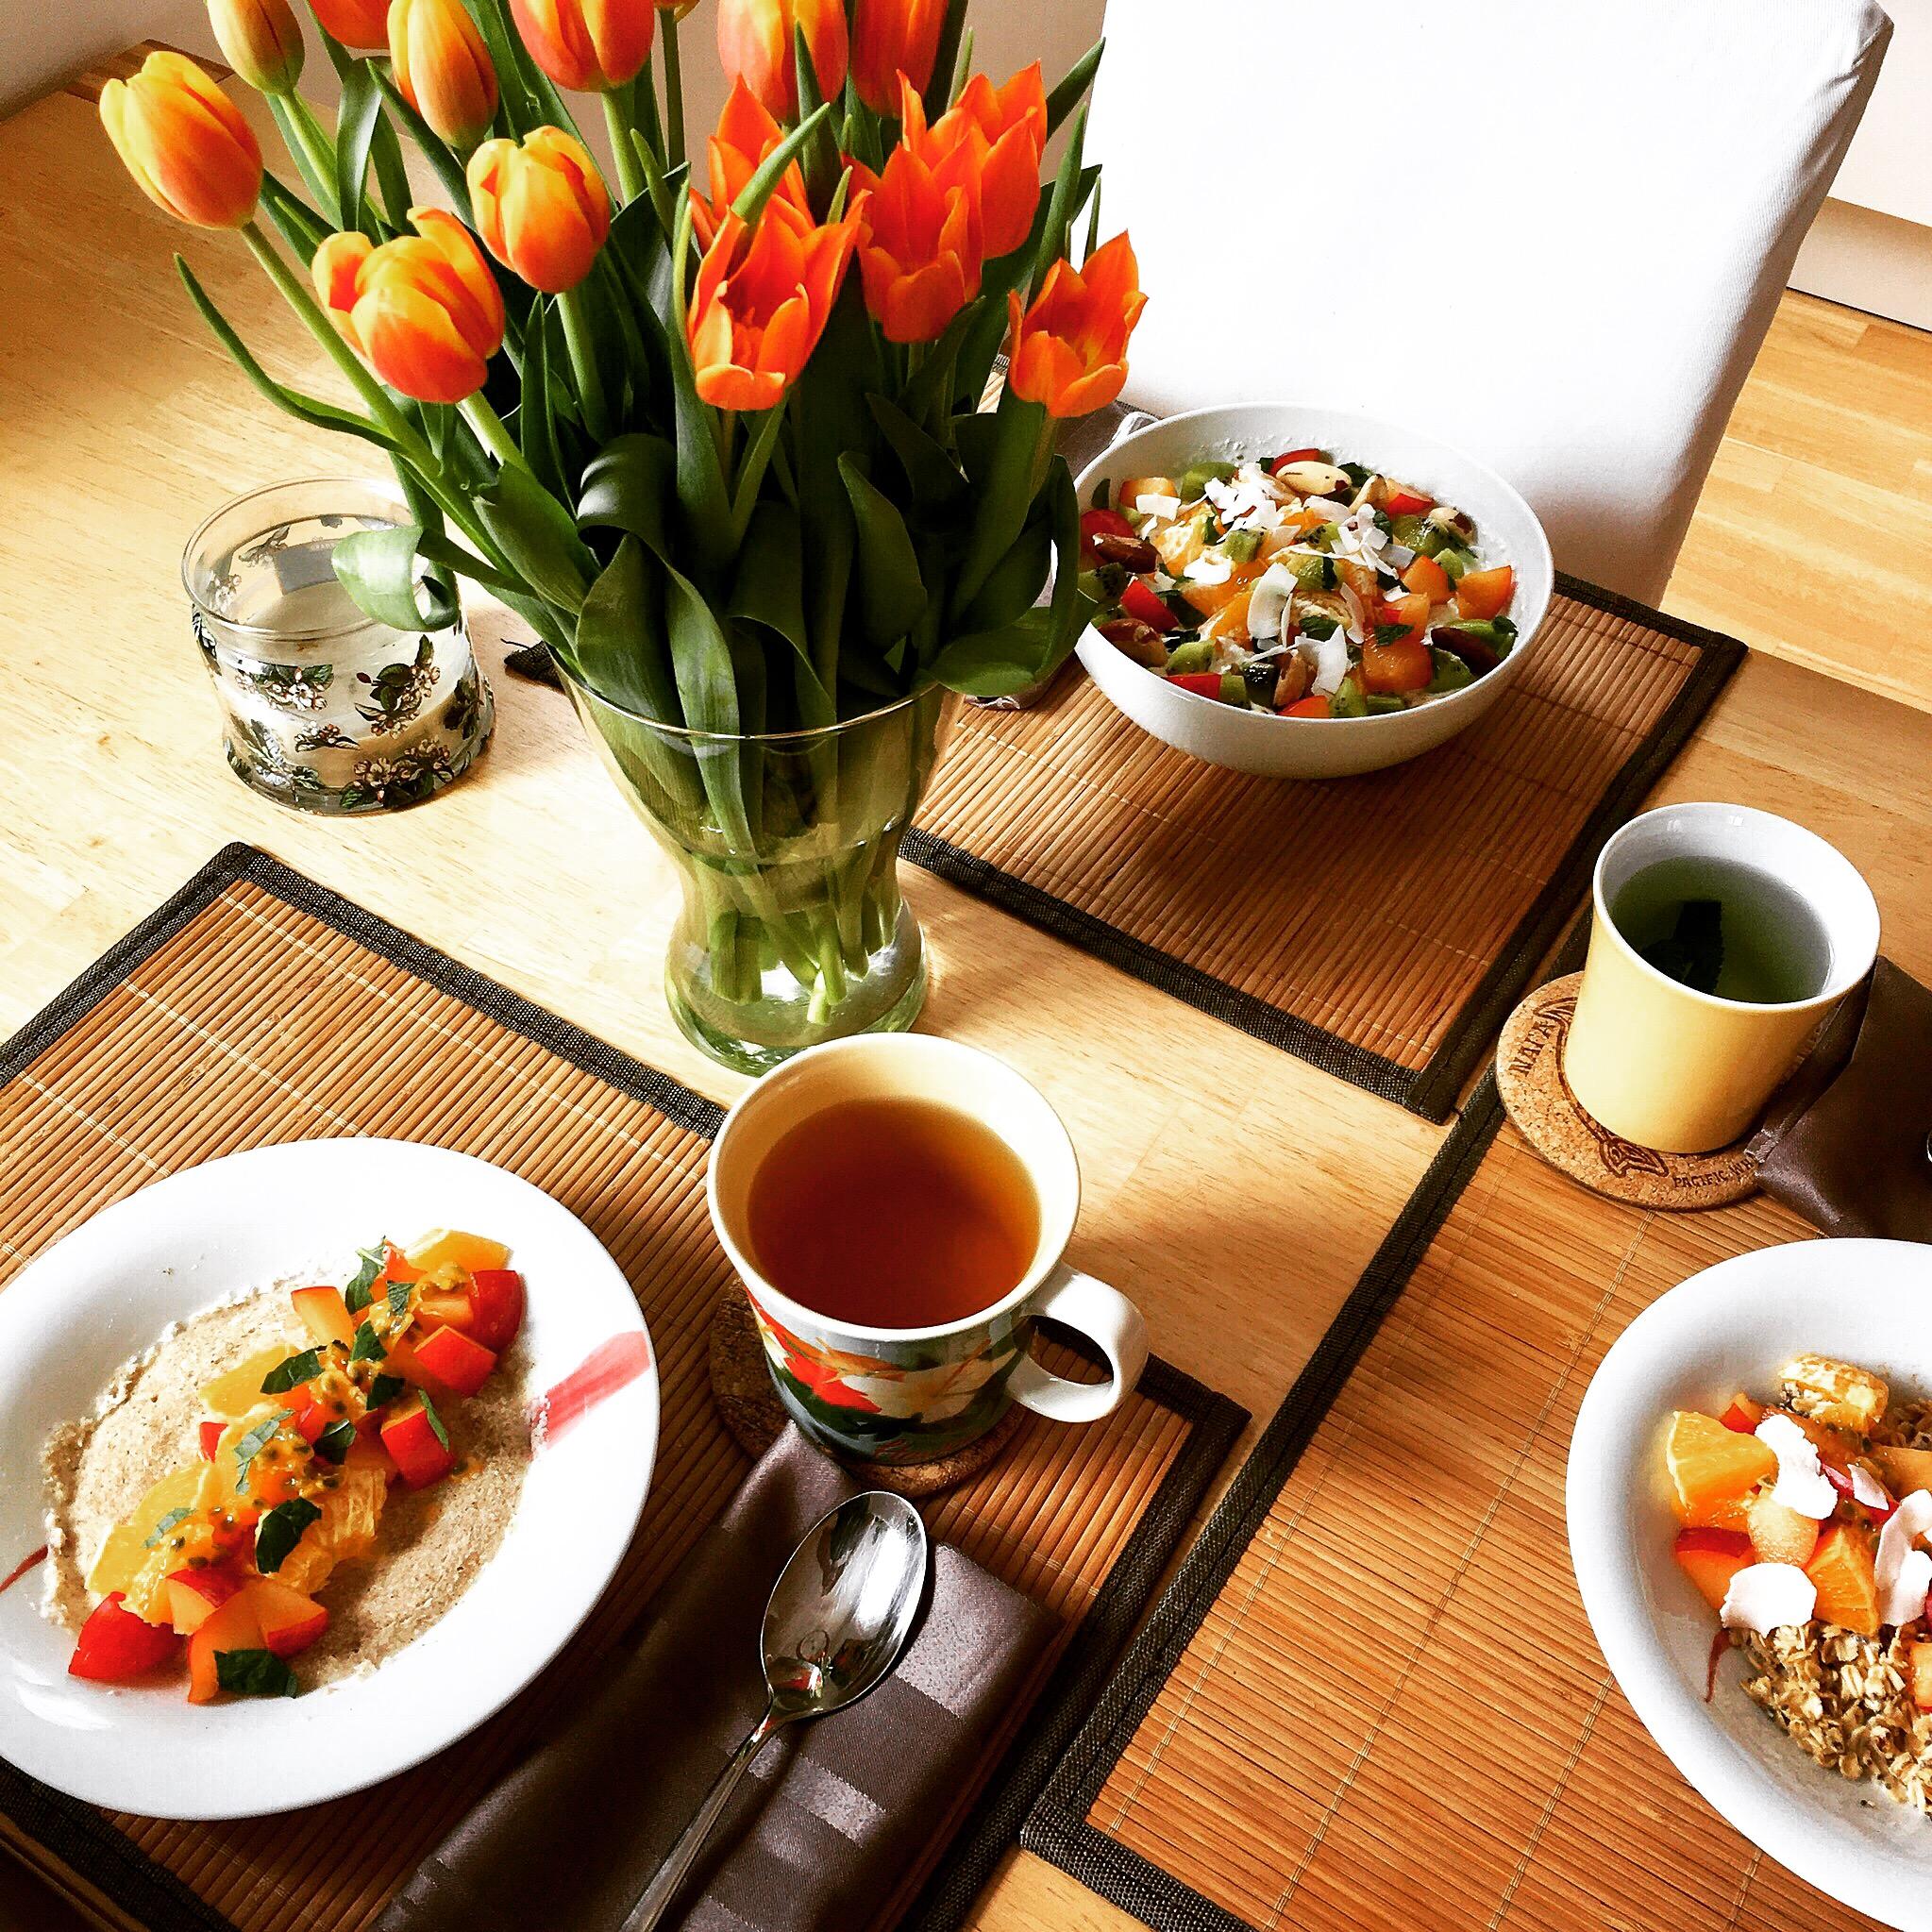 Ein AIP_freundliches_Frühstück geht auch mit der ganzen Familie.